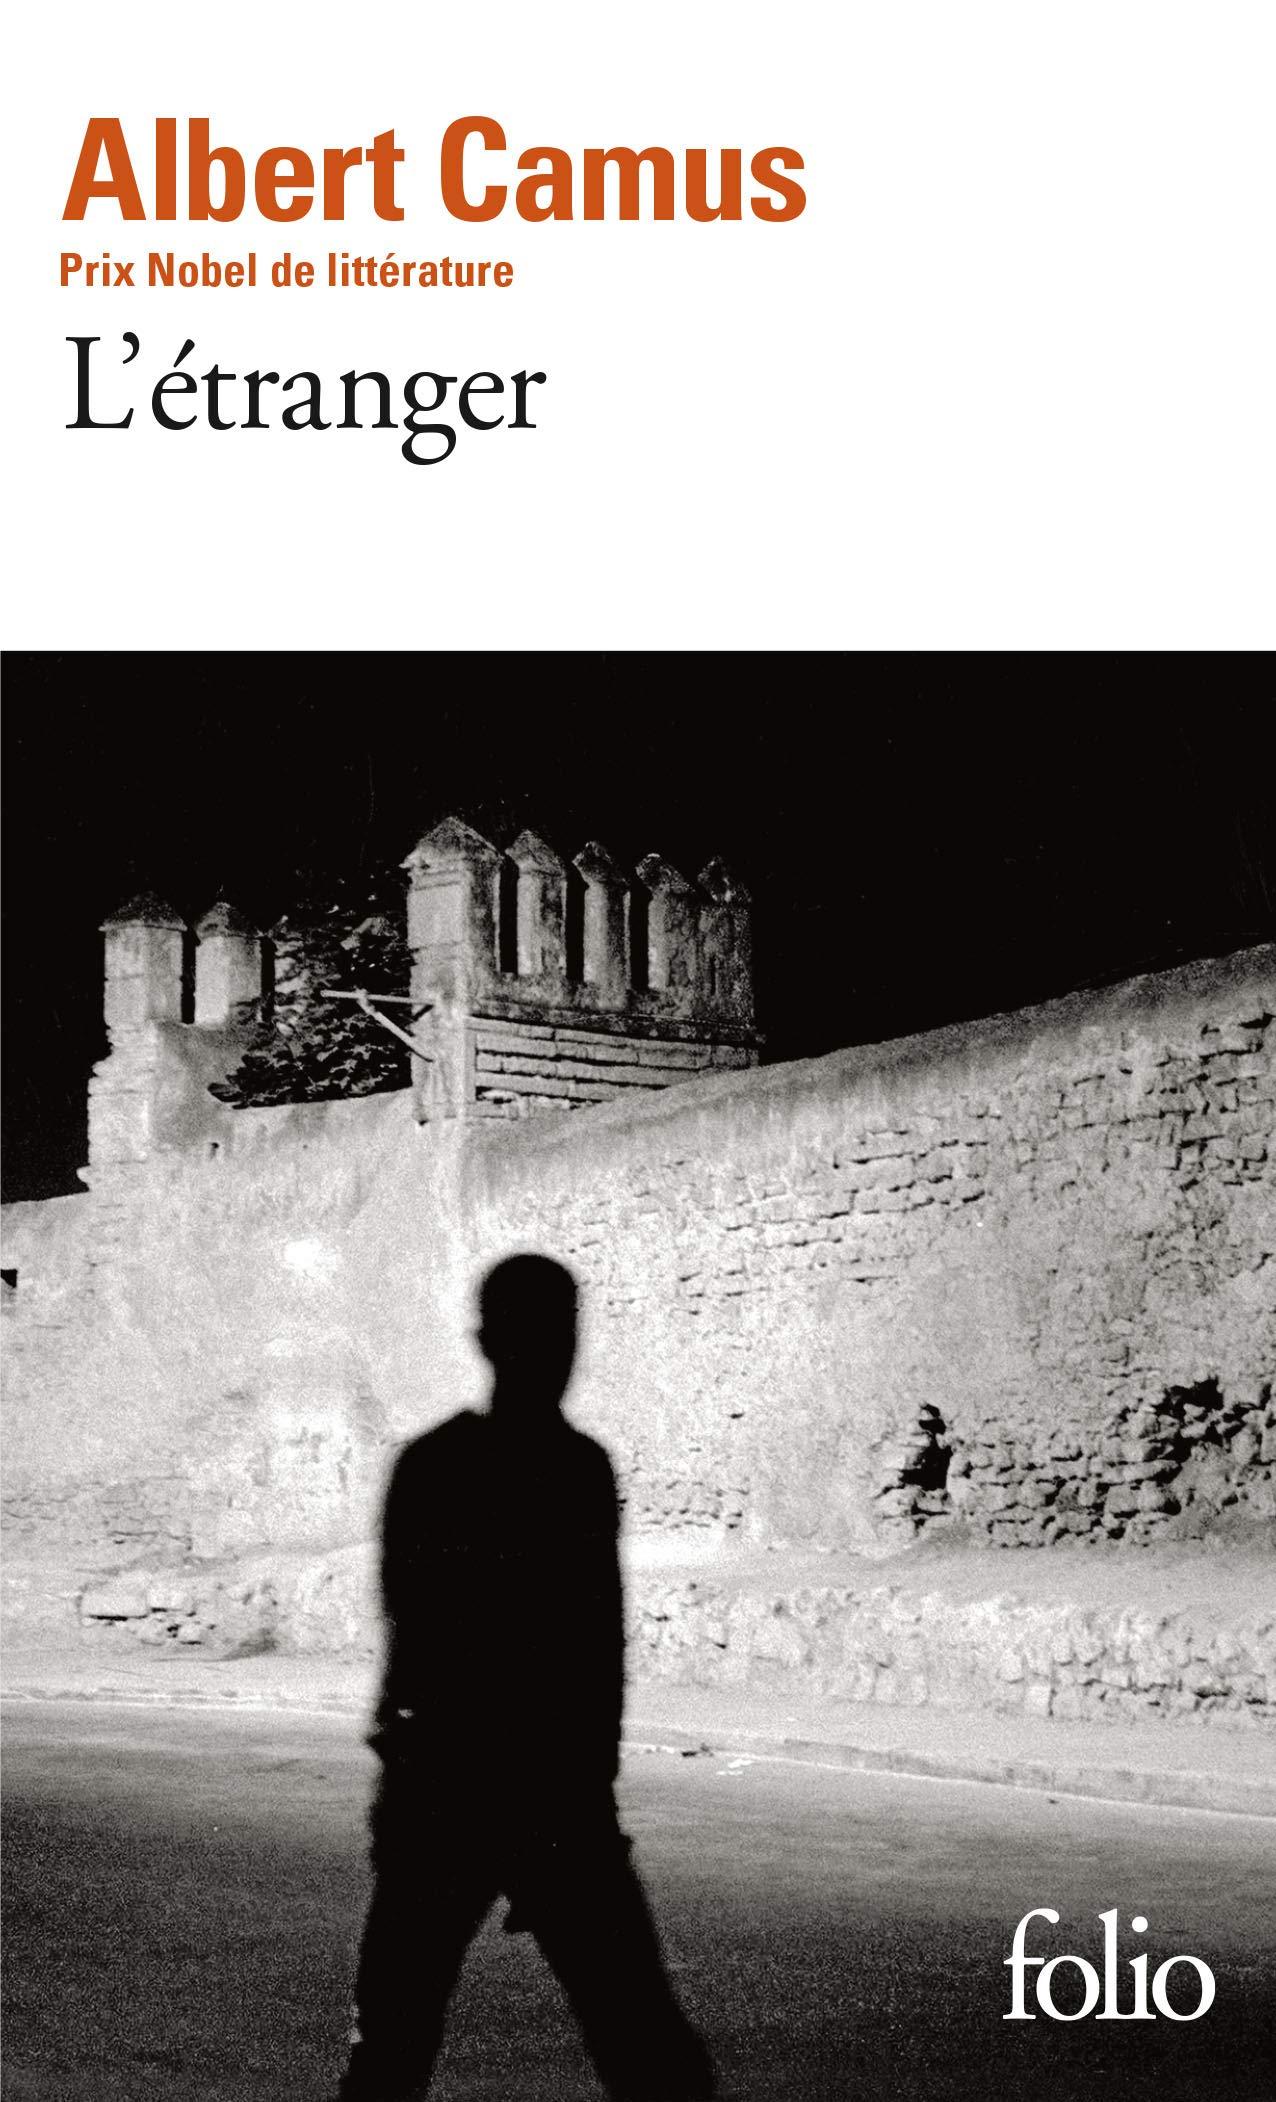 L'etranger (Folio): Amazon.co.uk: Camus, Albert: 9782070360024: Books